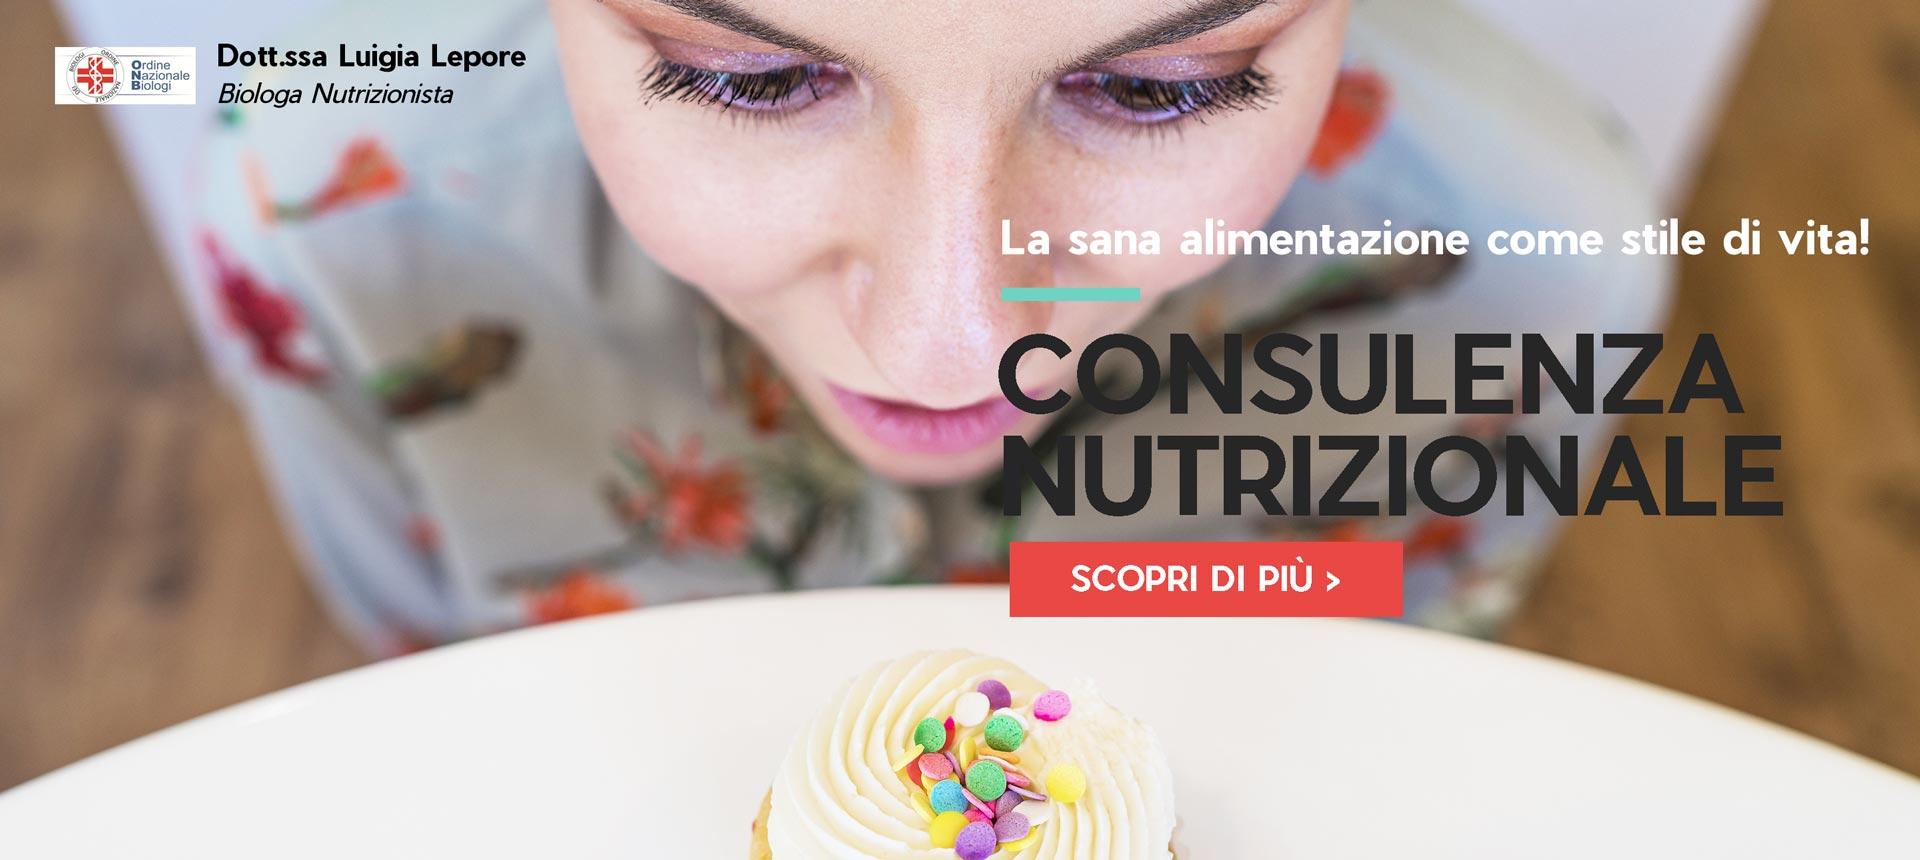 Conslenza-Nutrizionale-Avellino-Sanaline